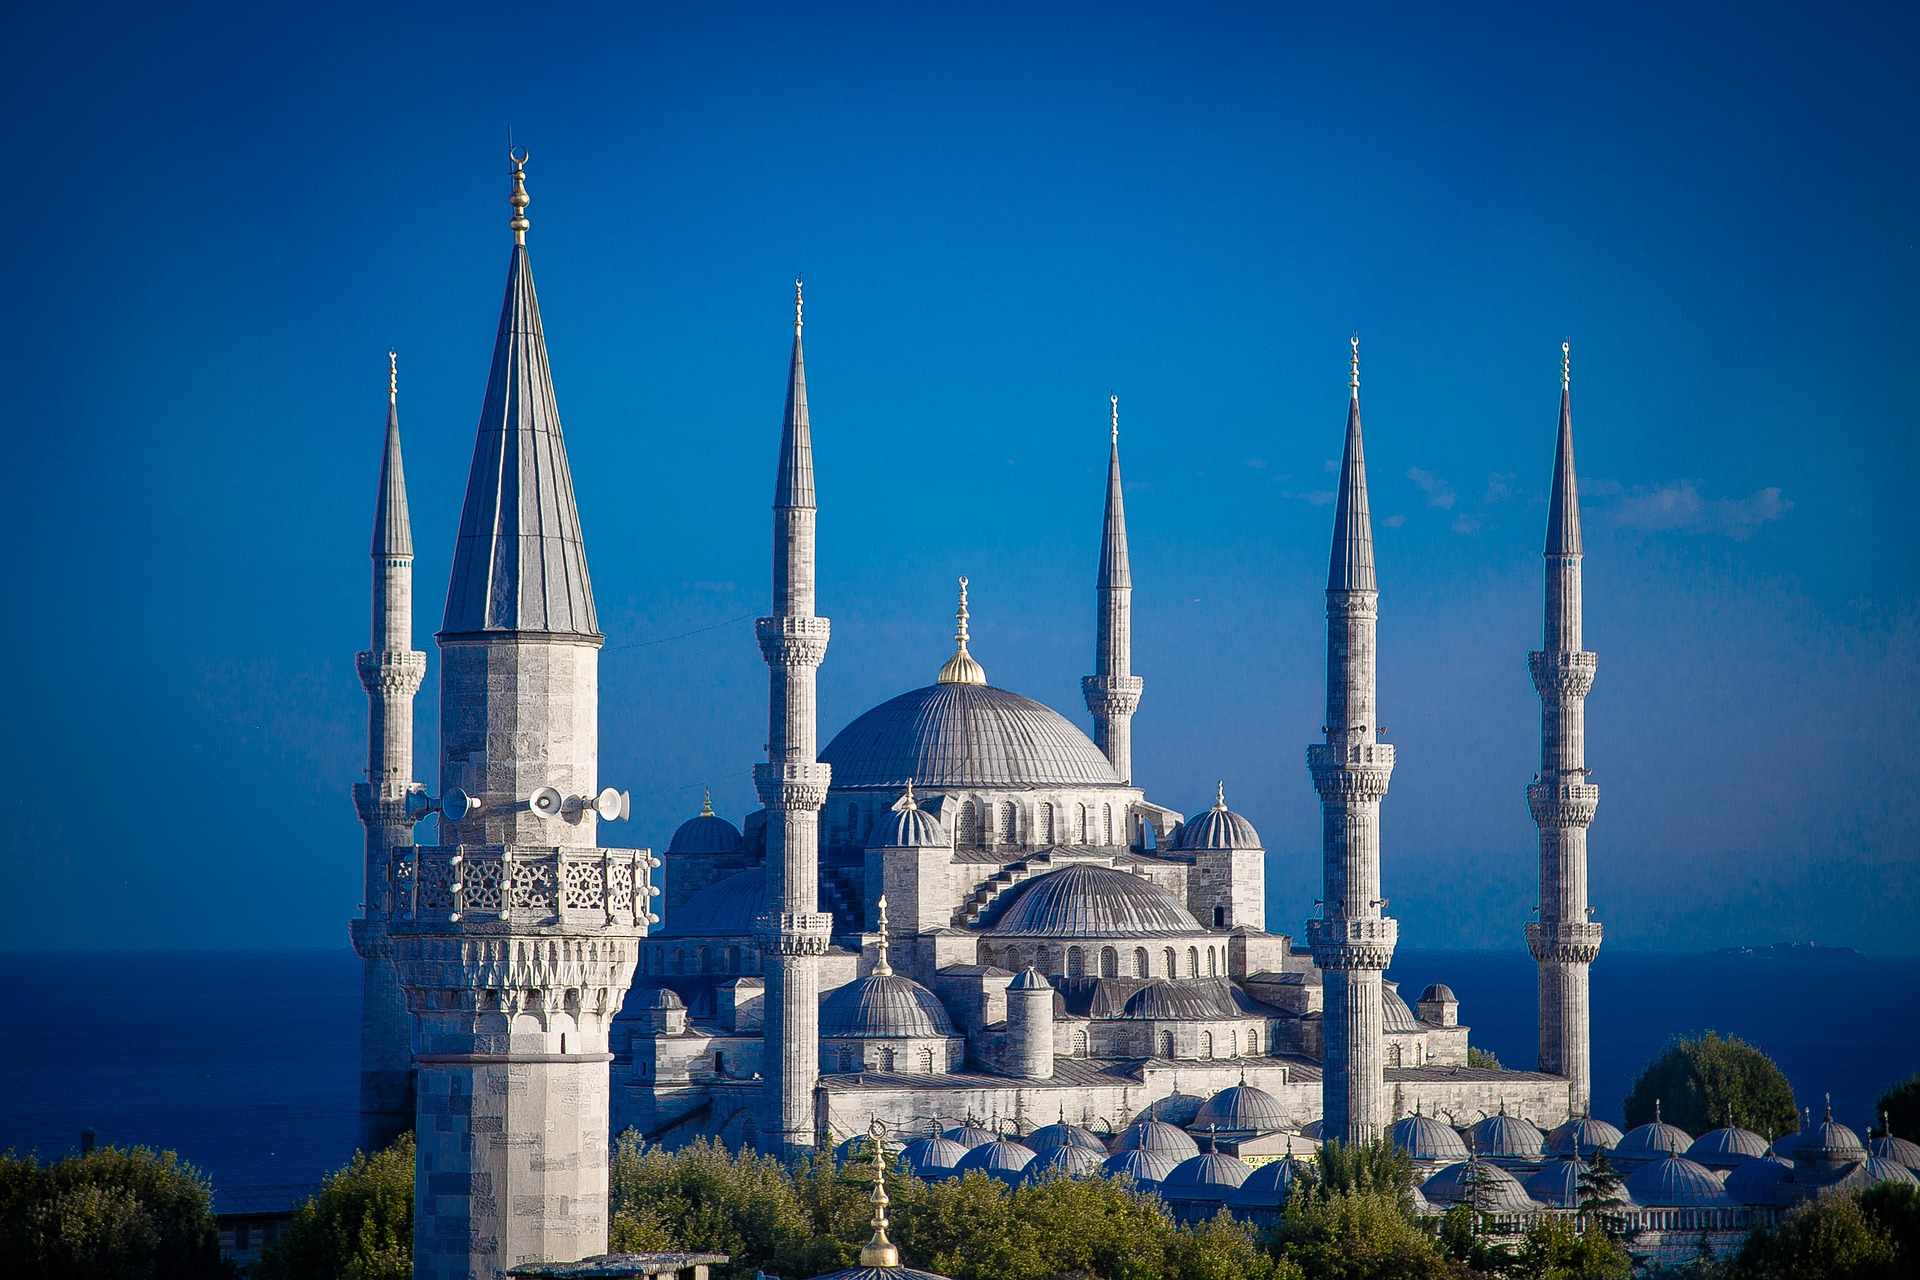 Sehenswürdigkeiten in Istanbul gibt es reichlich alleine die Stadt ist auf 2 Kontinenten verteilt